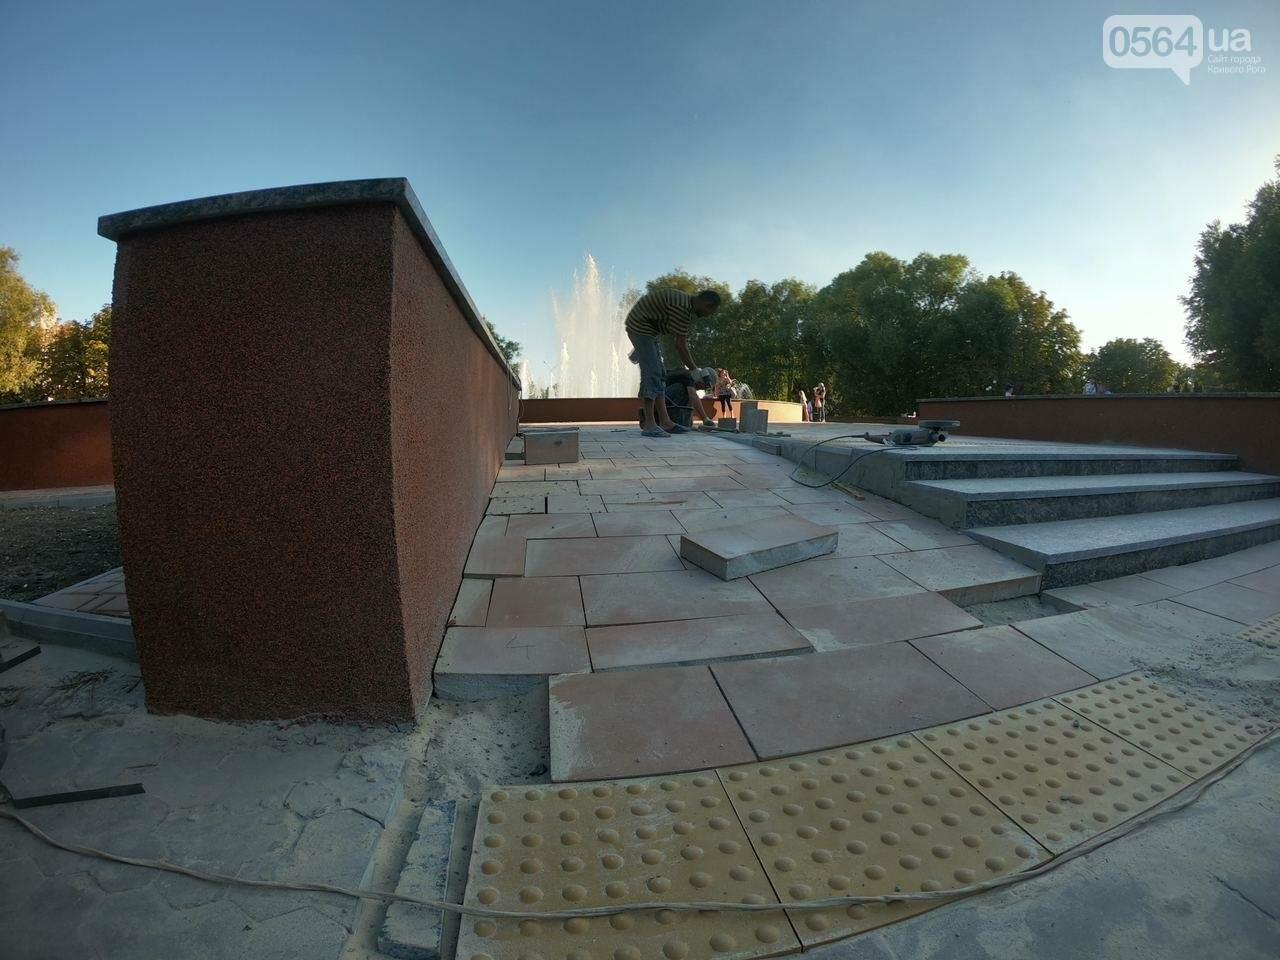 В Кривом Роге включили фонтан перед мэрией, - ФОТО, ВИДЕО , фото-29